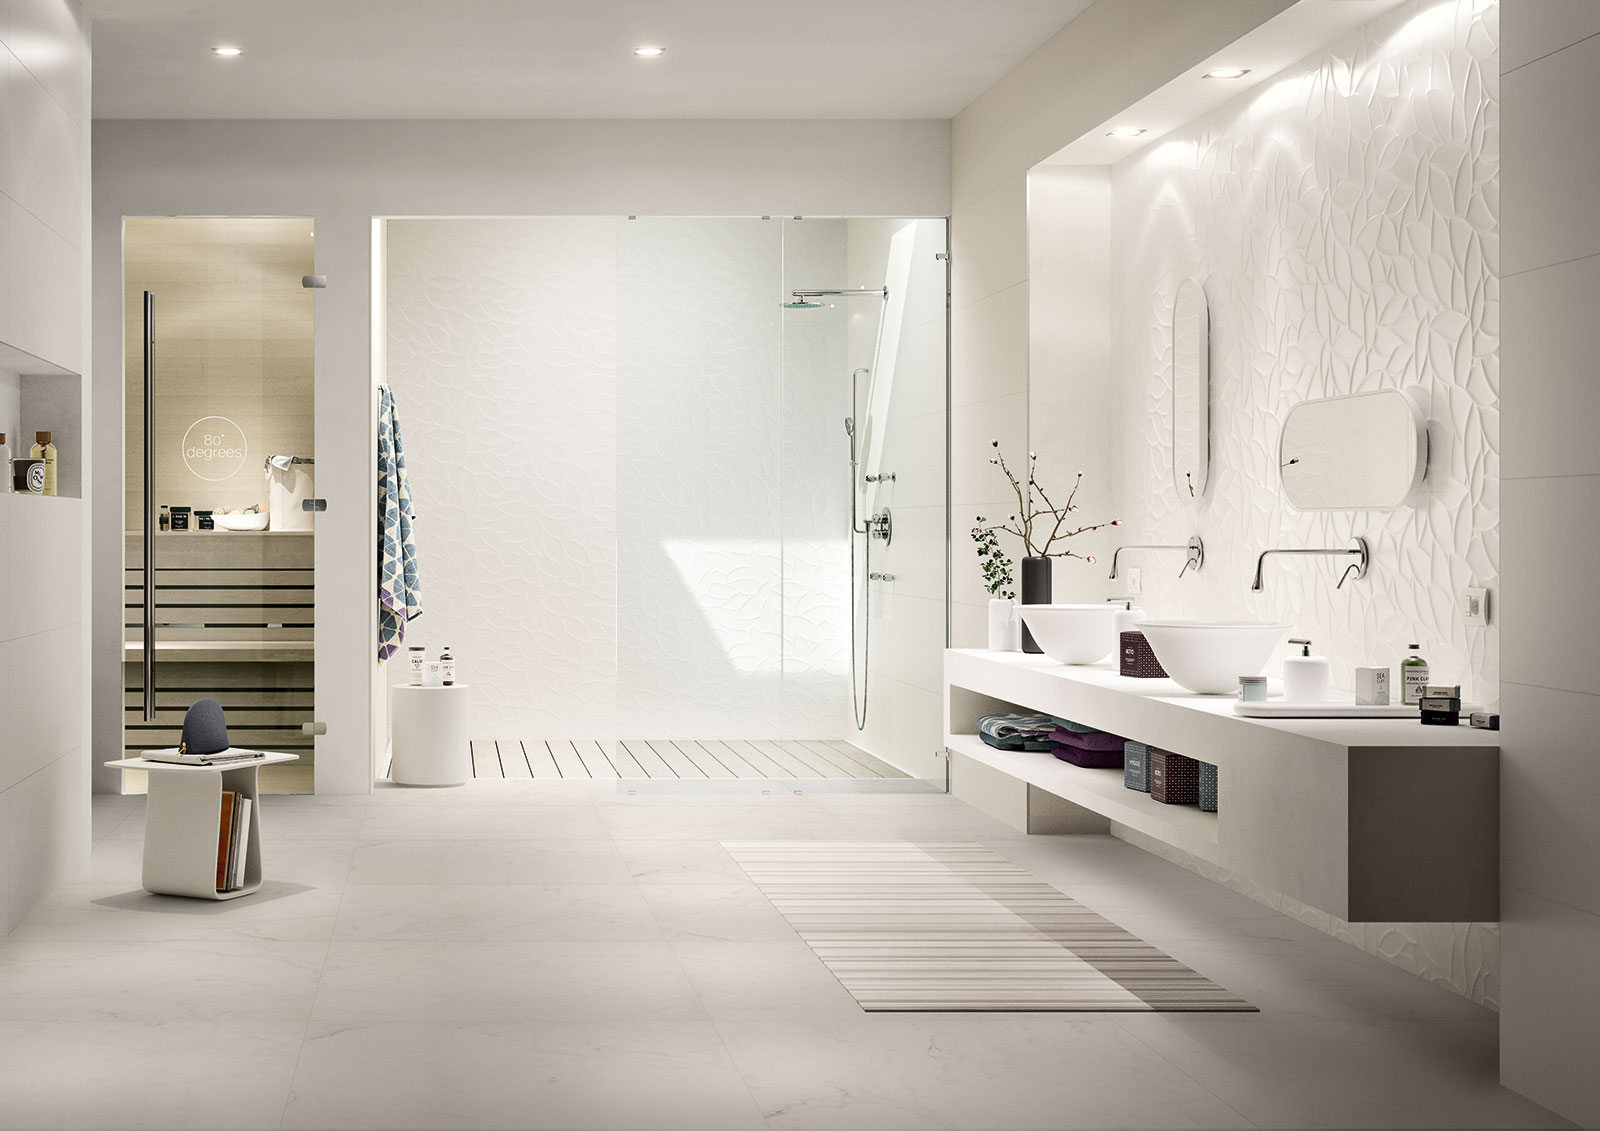 Essenziale ceramica bianca per bagni marazzi for Casa essenziale